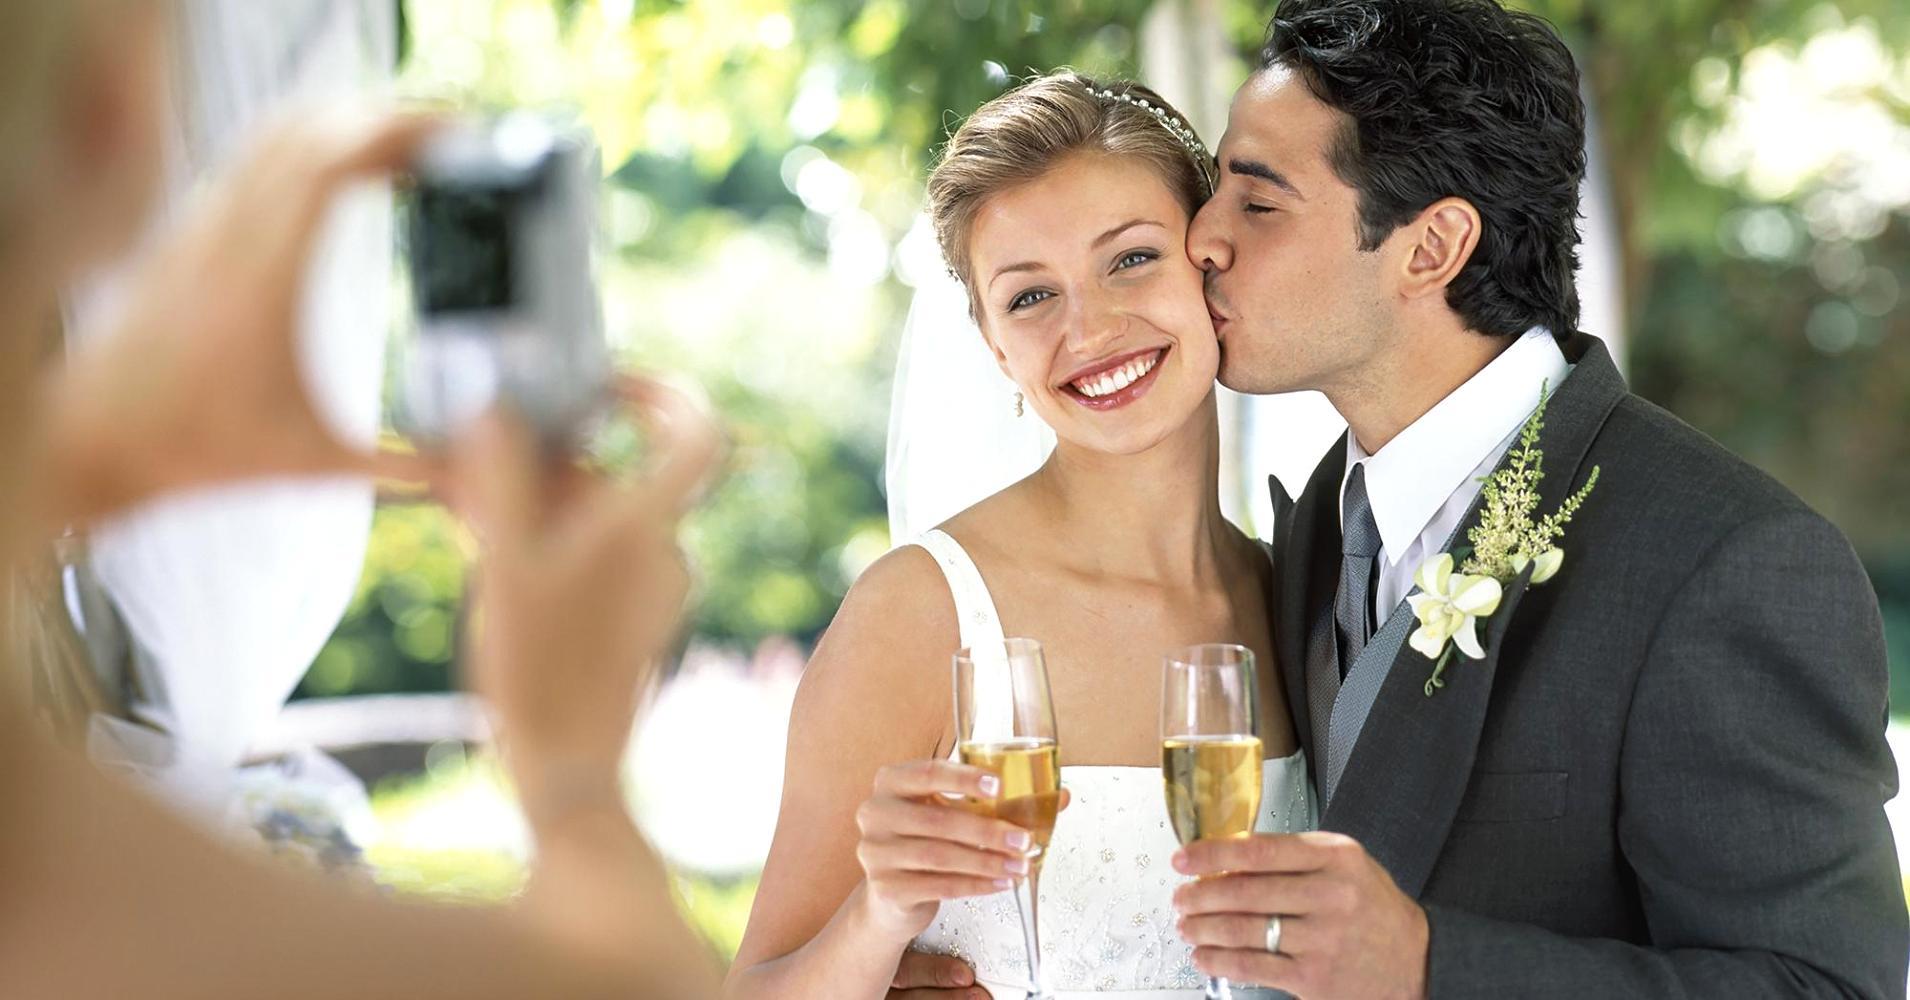 wn2qy02kzqykmiiu - en güzel düğün videosu fikirleri